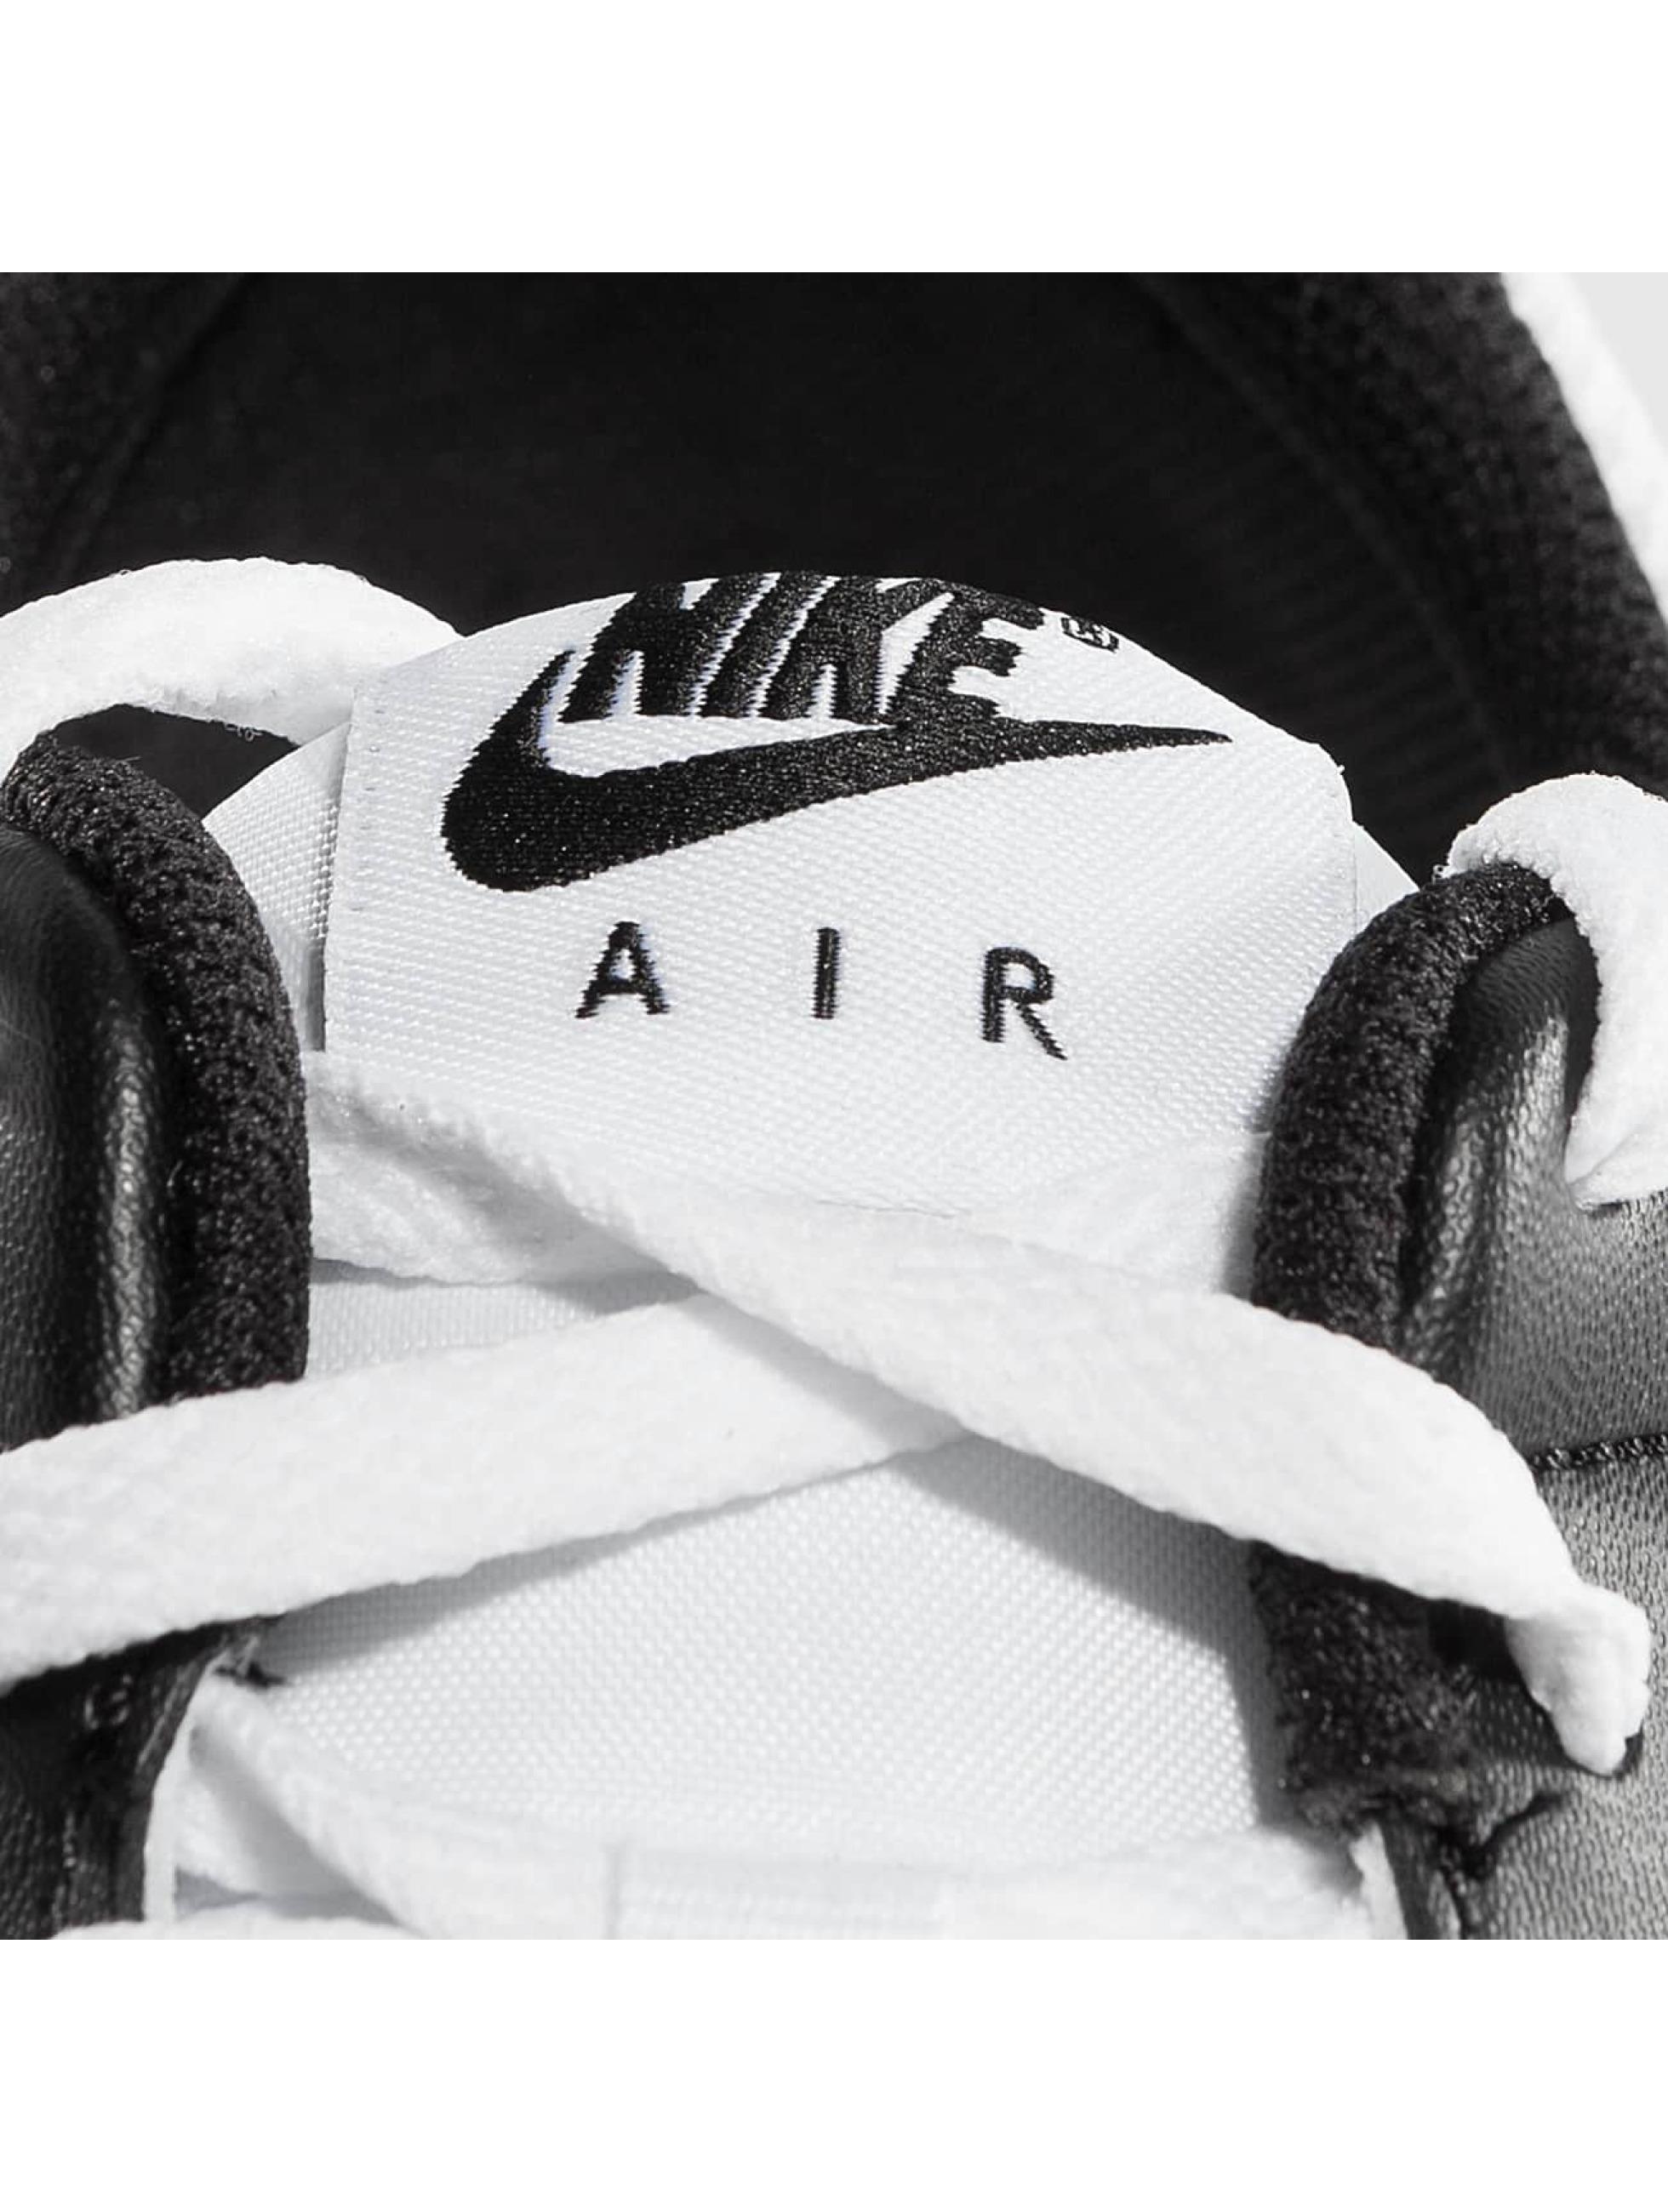 Nike Zapatillas de deporte Air Max Vision blanco